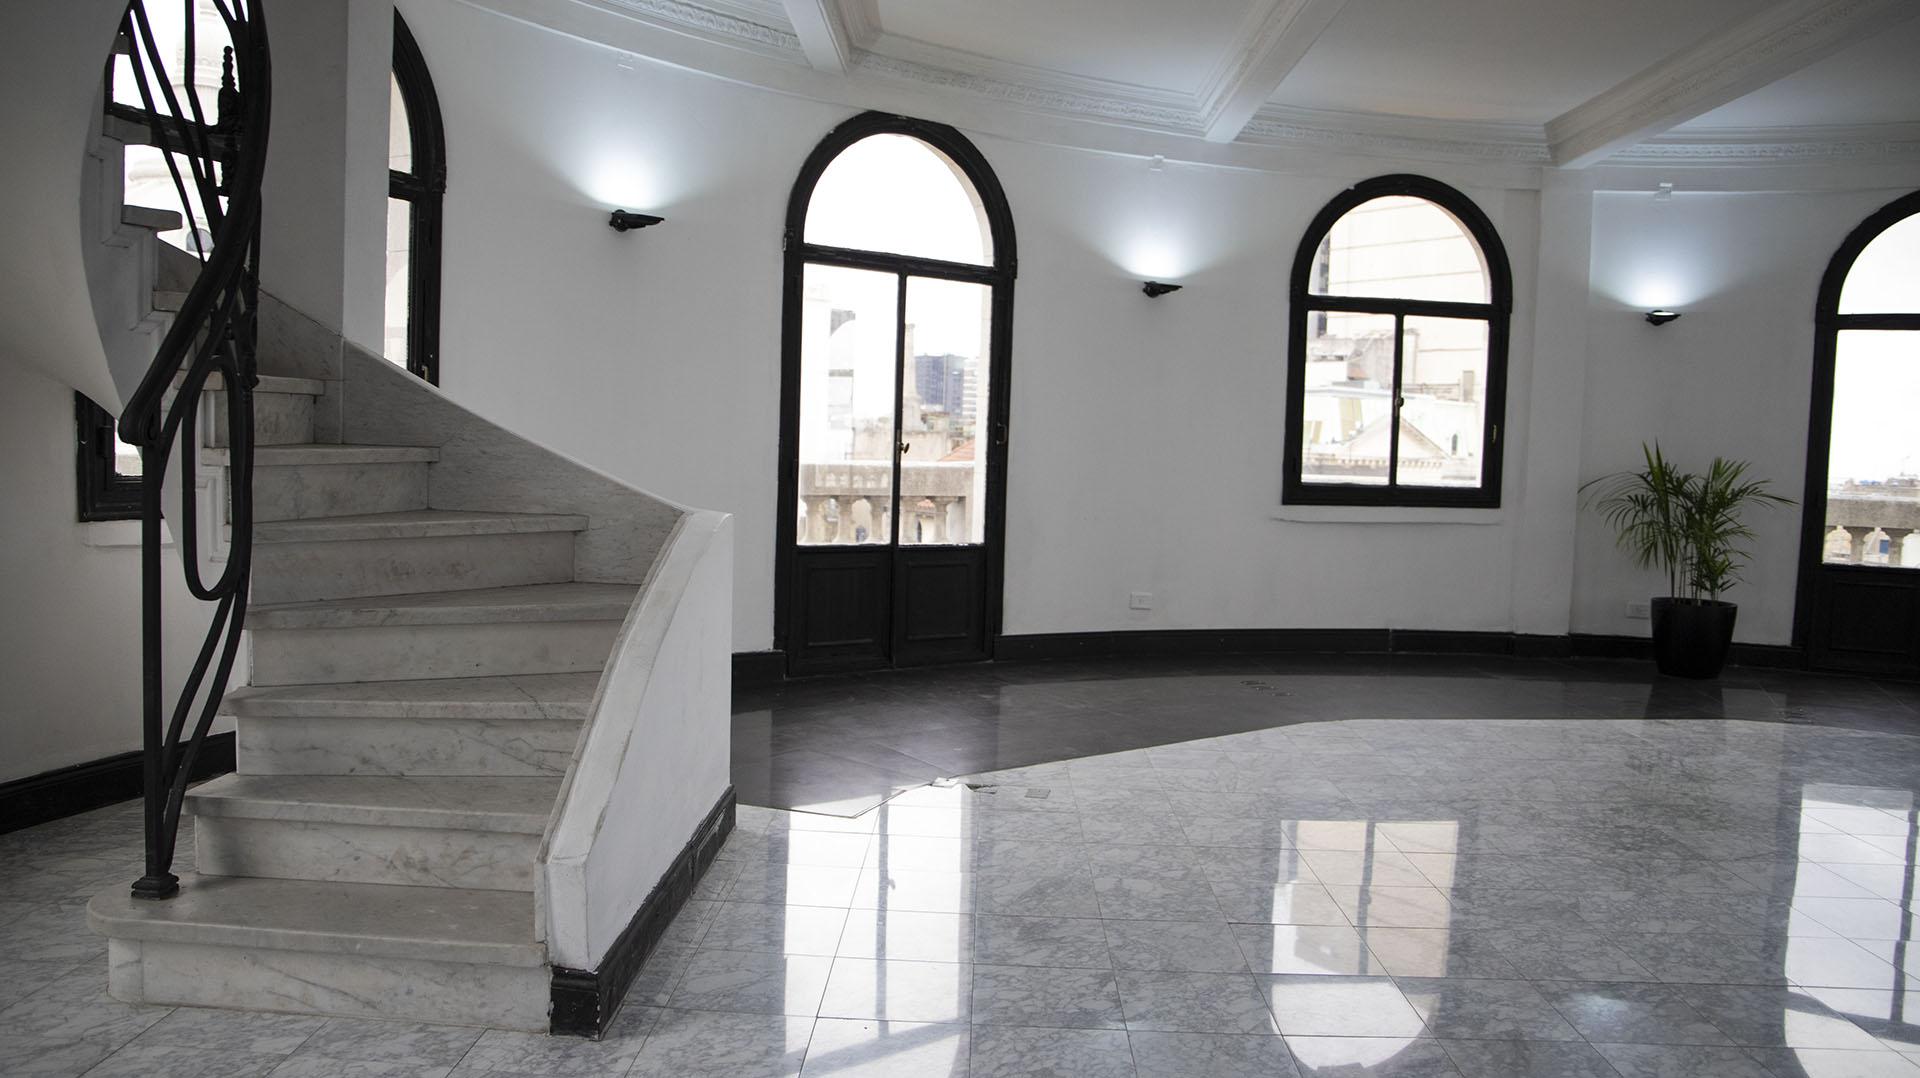 La cúpula del edificio Miguel Bencich por dentro. Es el tercer piso de la coronación,que se utiliza como un salón de eventos privados (Lihue Althabe)